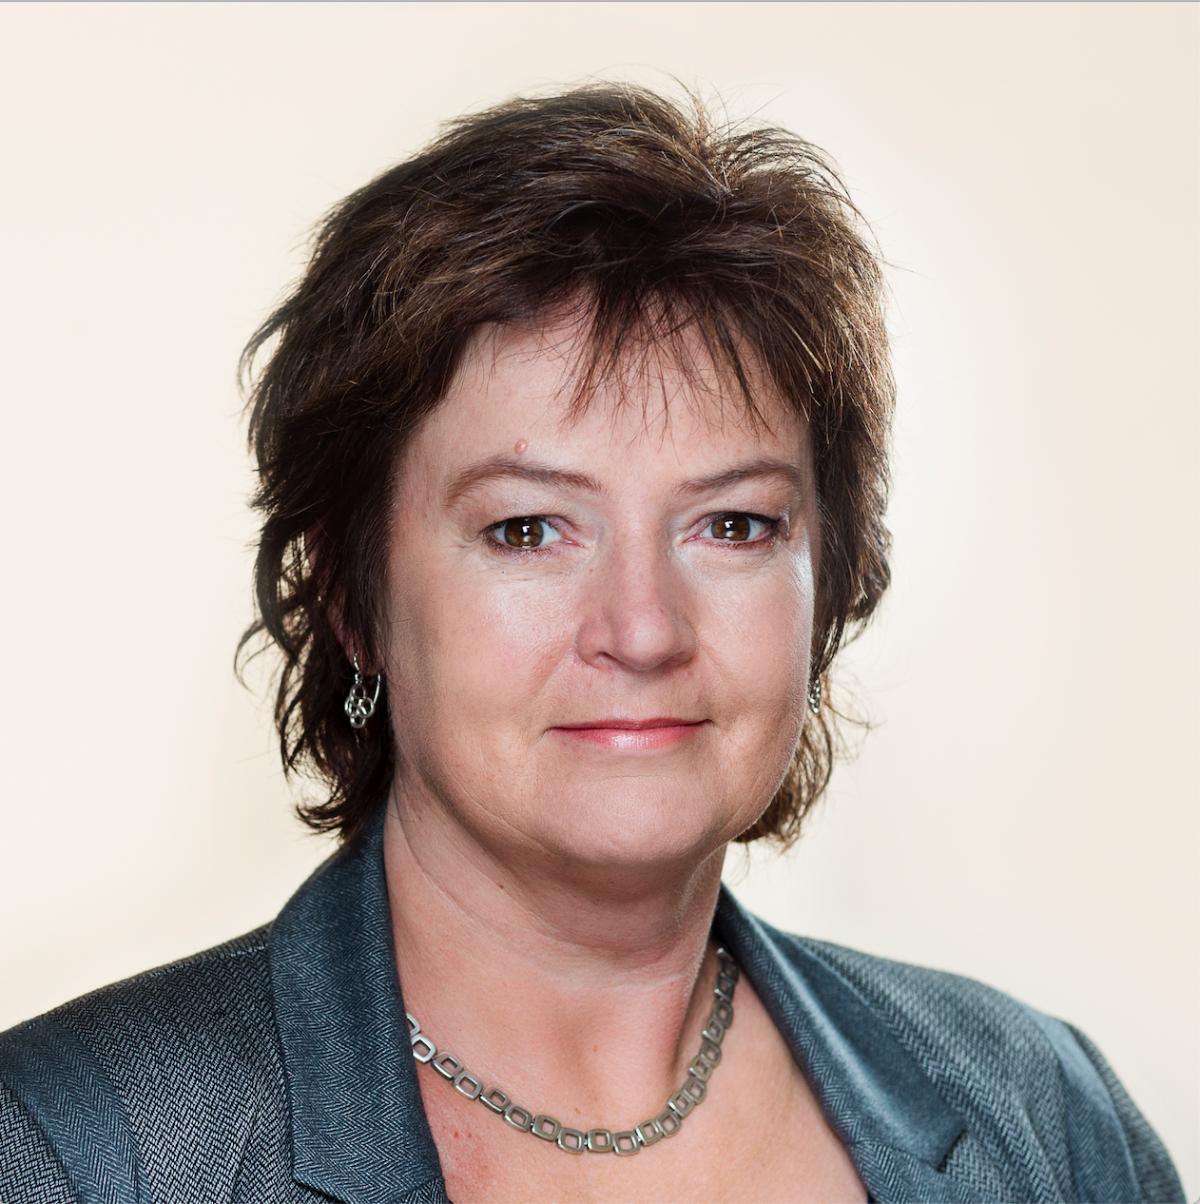 DAGENS POLITIKER: Børneordfører Anni Matthisen (V)